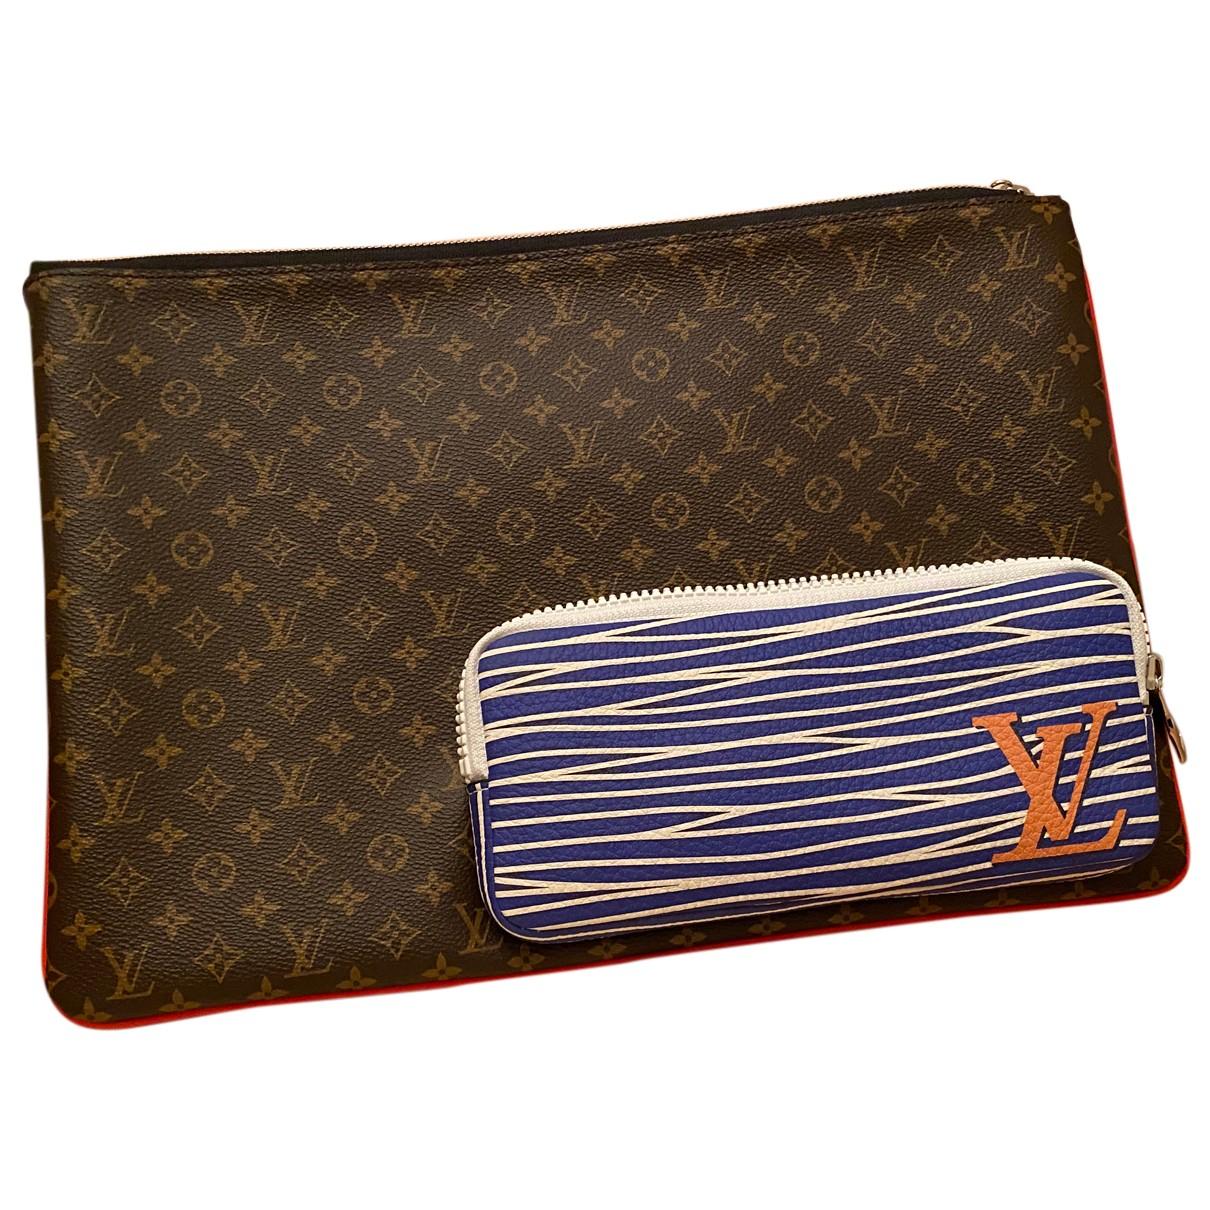 Louis Vuitton N Cloth handbag for Women N